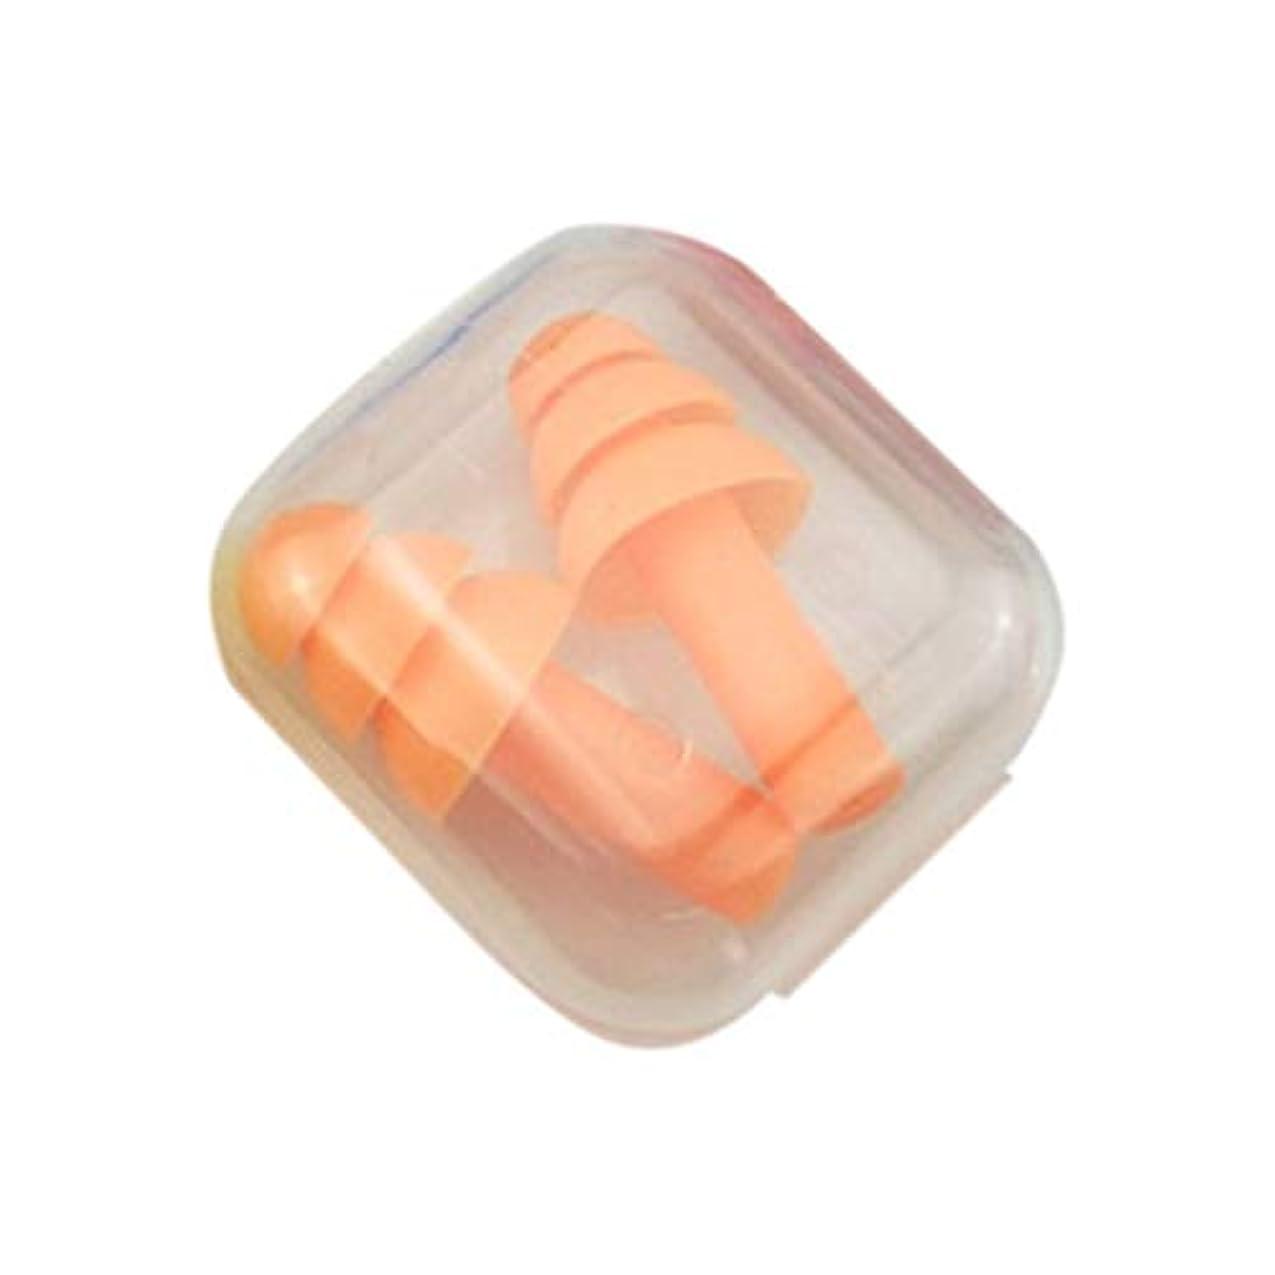 感心するクラフト翻訳者柔らかいシリコーンの耳栓遮音用耳の保護用の耳栓防音睡眠ボックス付き収納ボックス - オレンジ